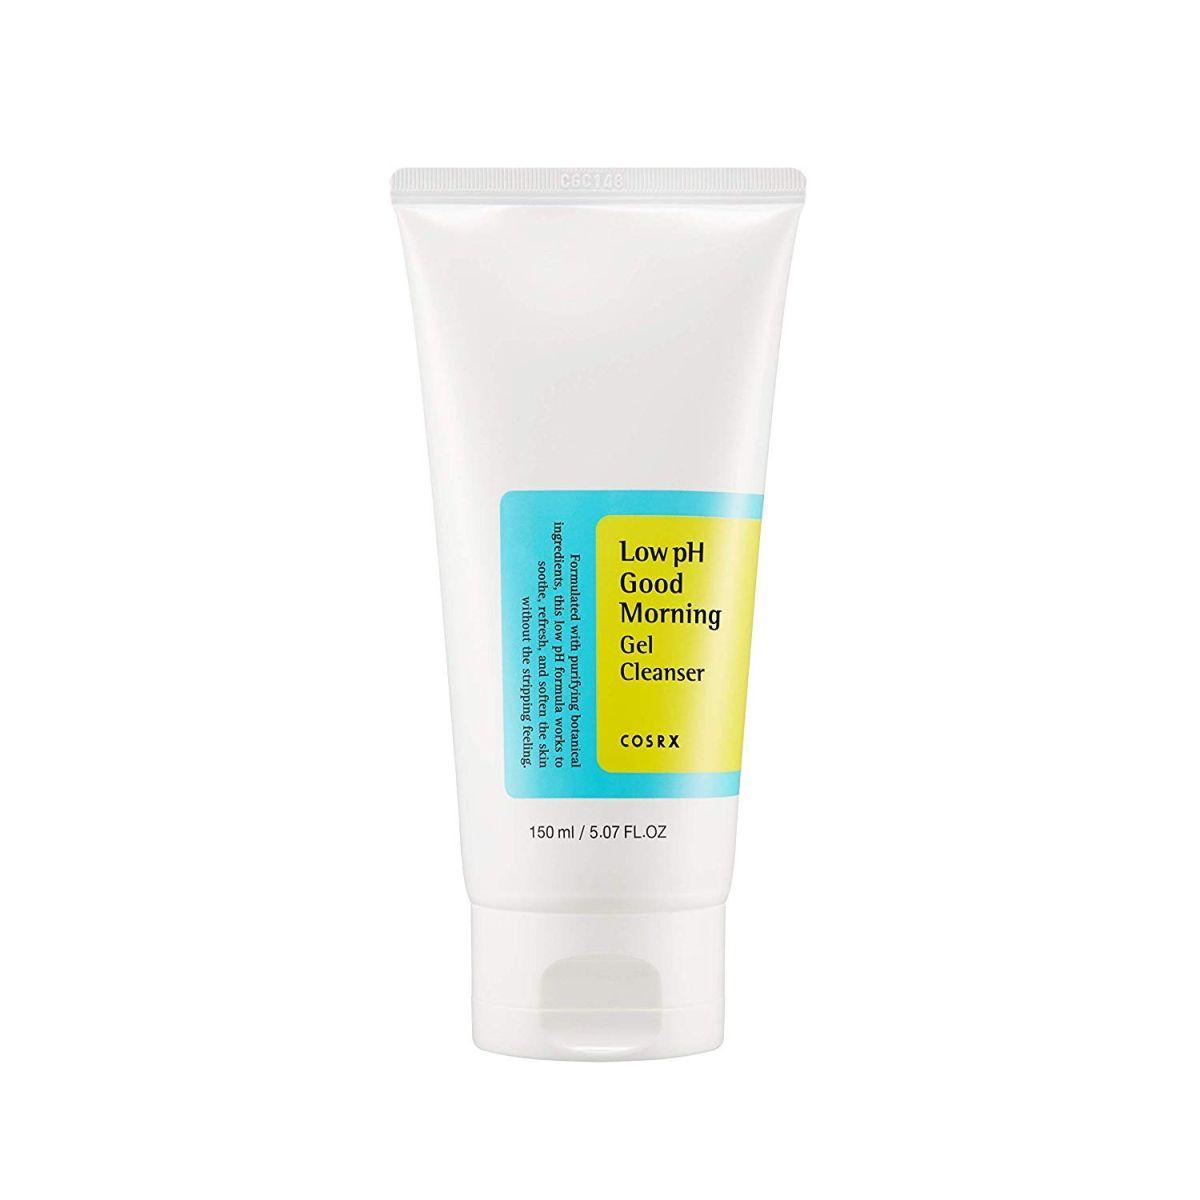 Мягкий гель для умывания COSRX Low pH Good Morning Gel Cleanser - 150 мл